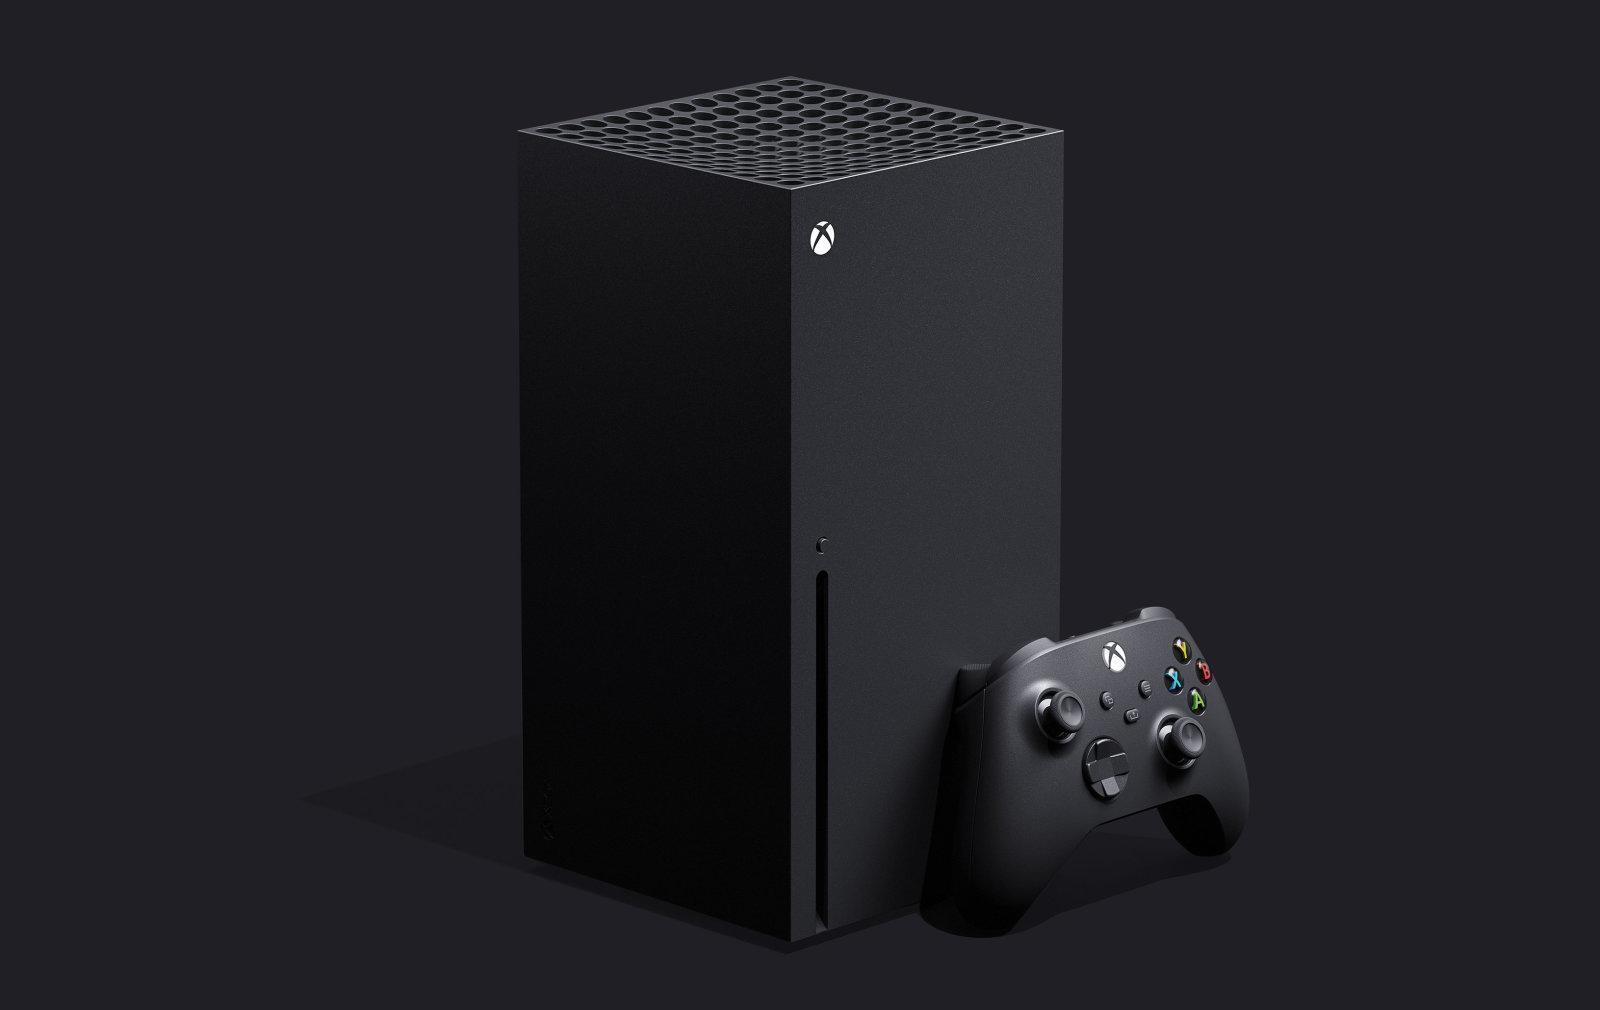 آیا ایکس باکس سری ایکس جایگزین کامپیوترهای گیمینگ خواهد شد؟